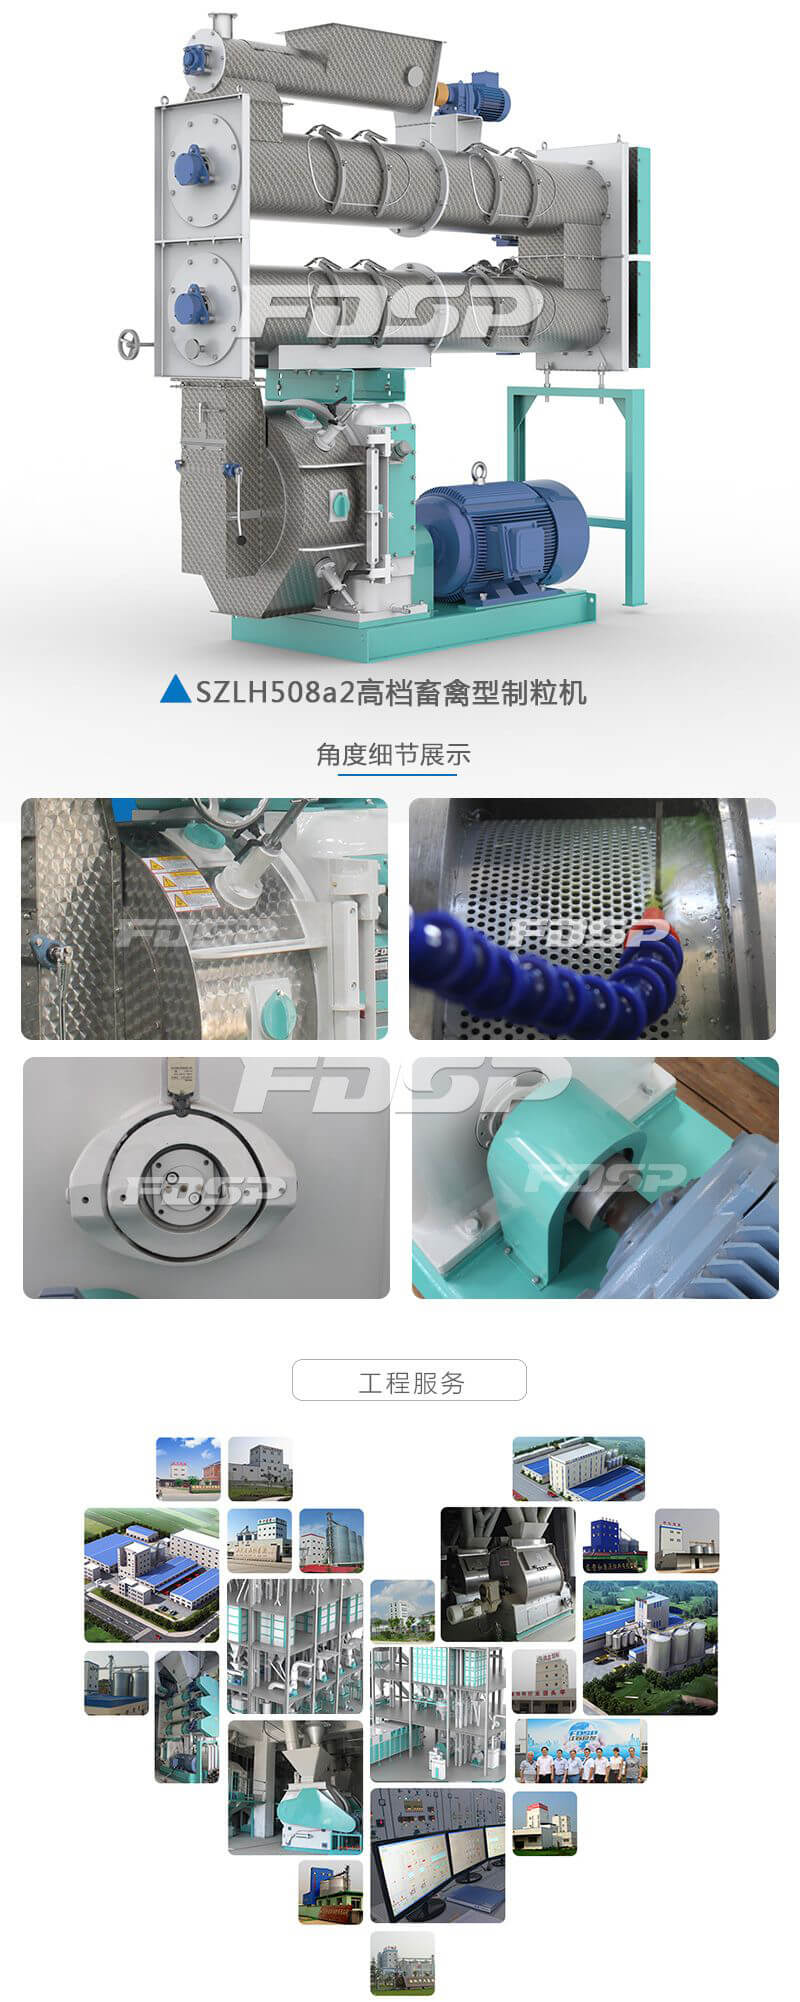 饲料加工设备SZLH508a2高档畜禽饲料制粒机